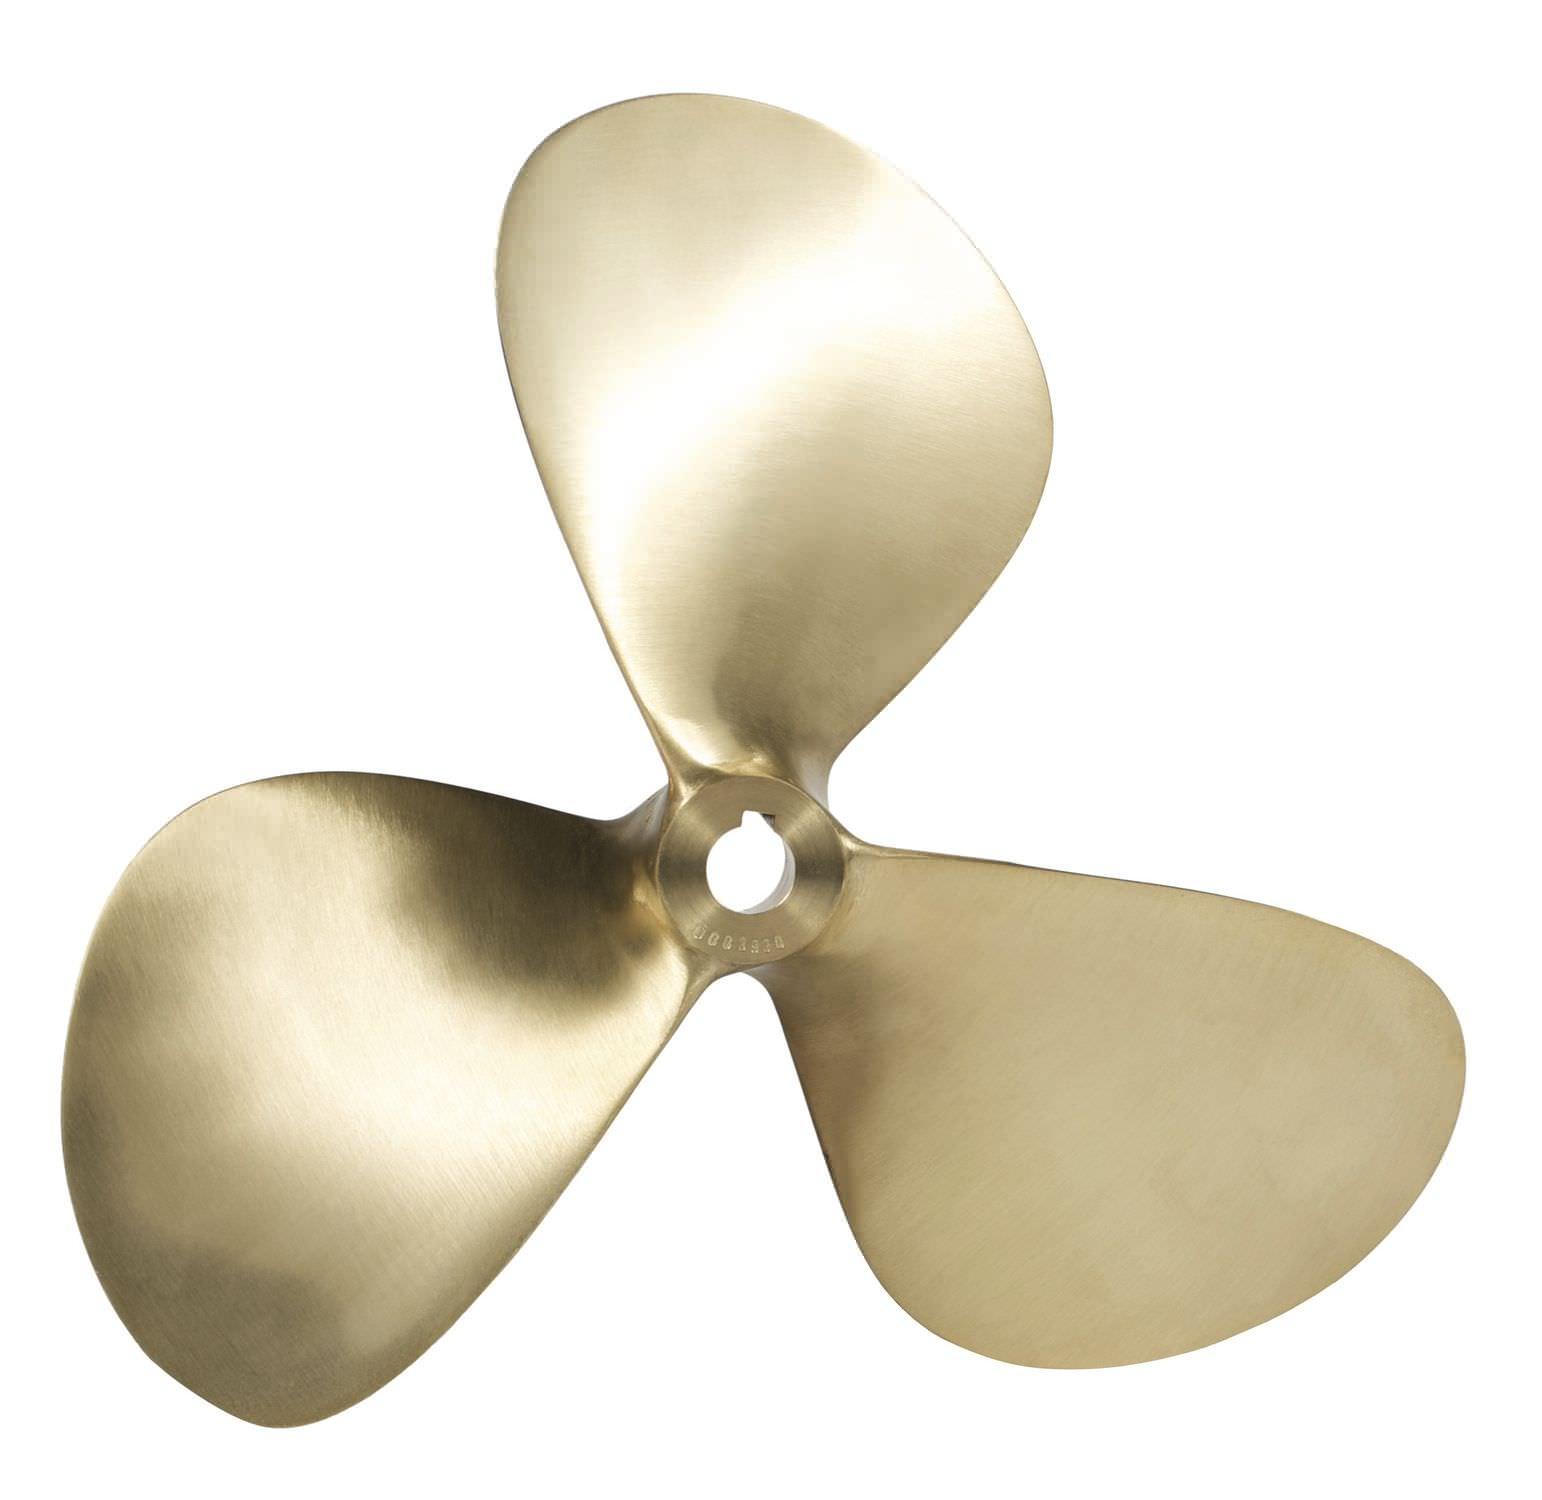 bronze-boat-propellers-3-blades-32849-181729